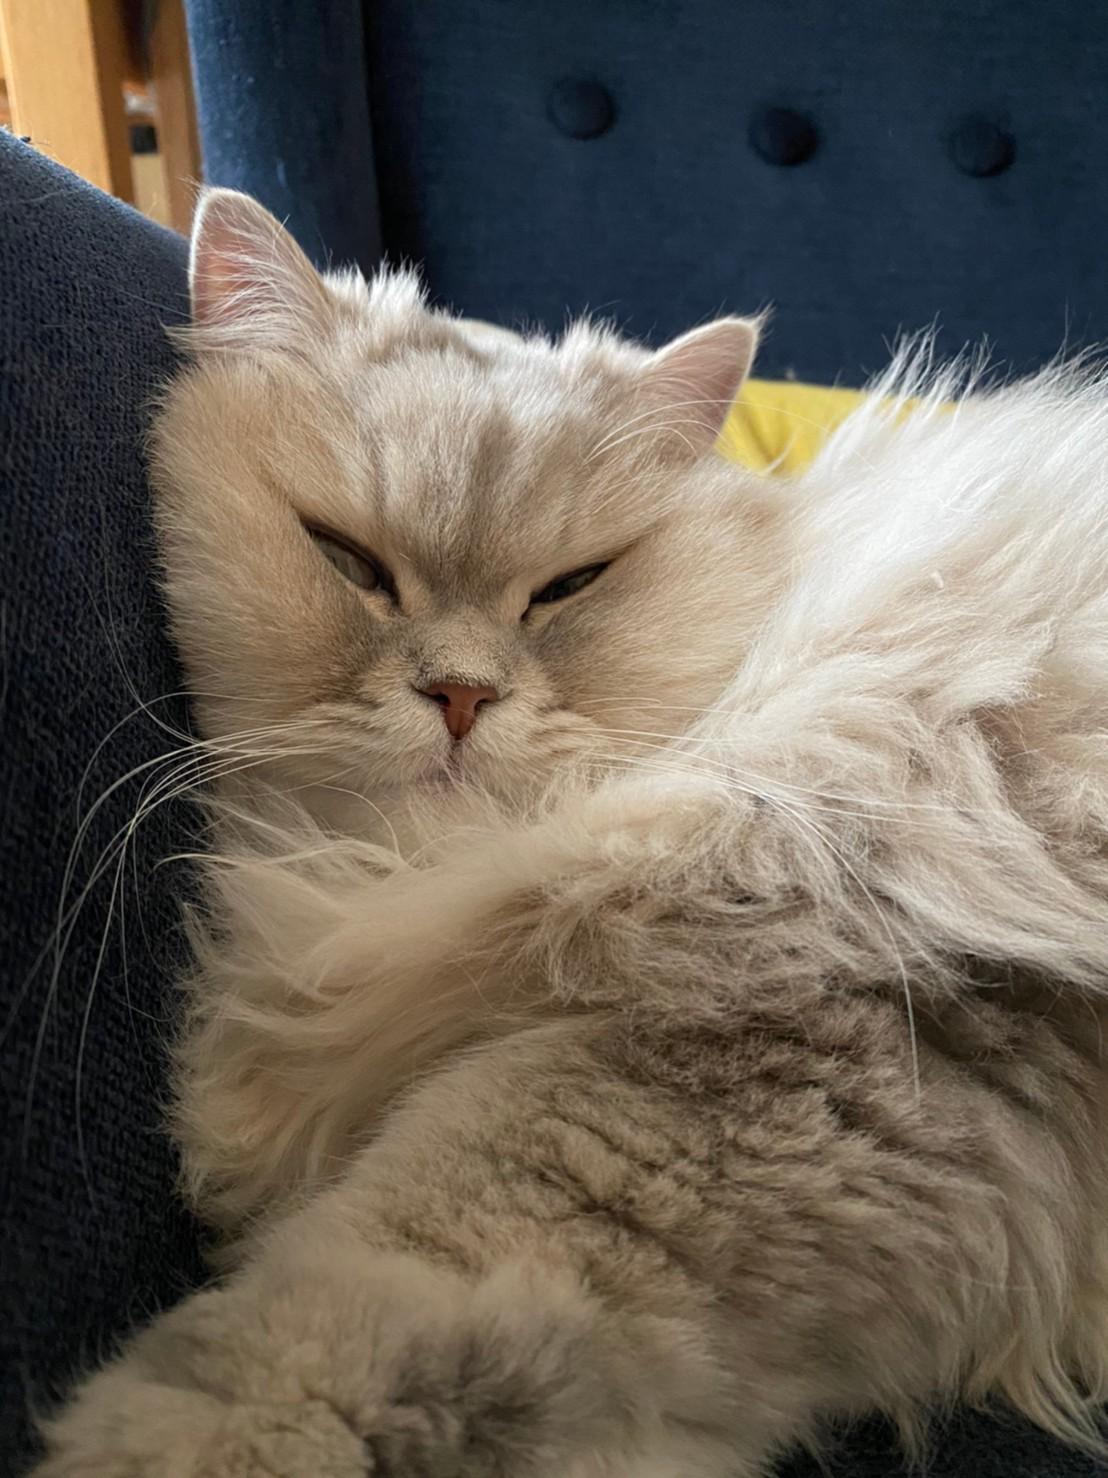 ブサカワな表情で眠る猫・ココンちゃん